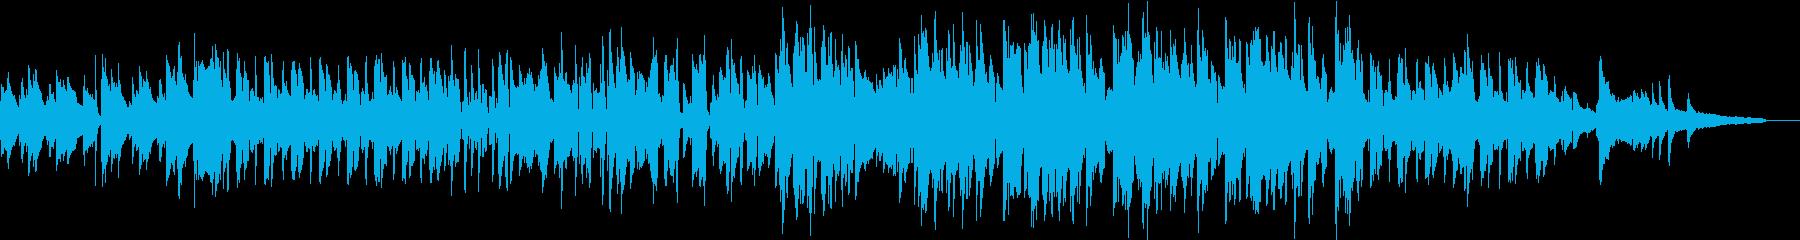 夏の涼しさをイメージしたピアノソロの再生済みの波形